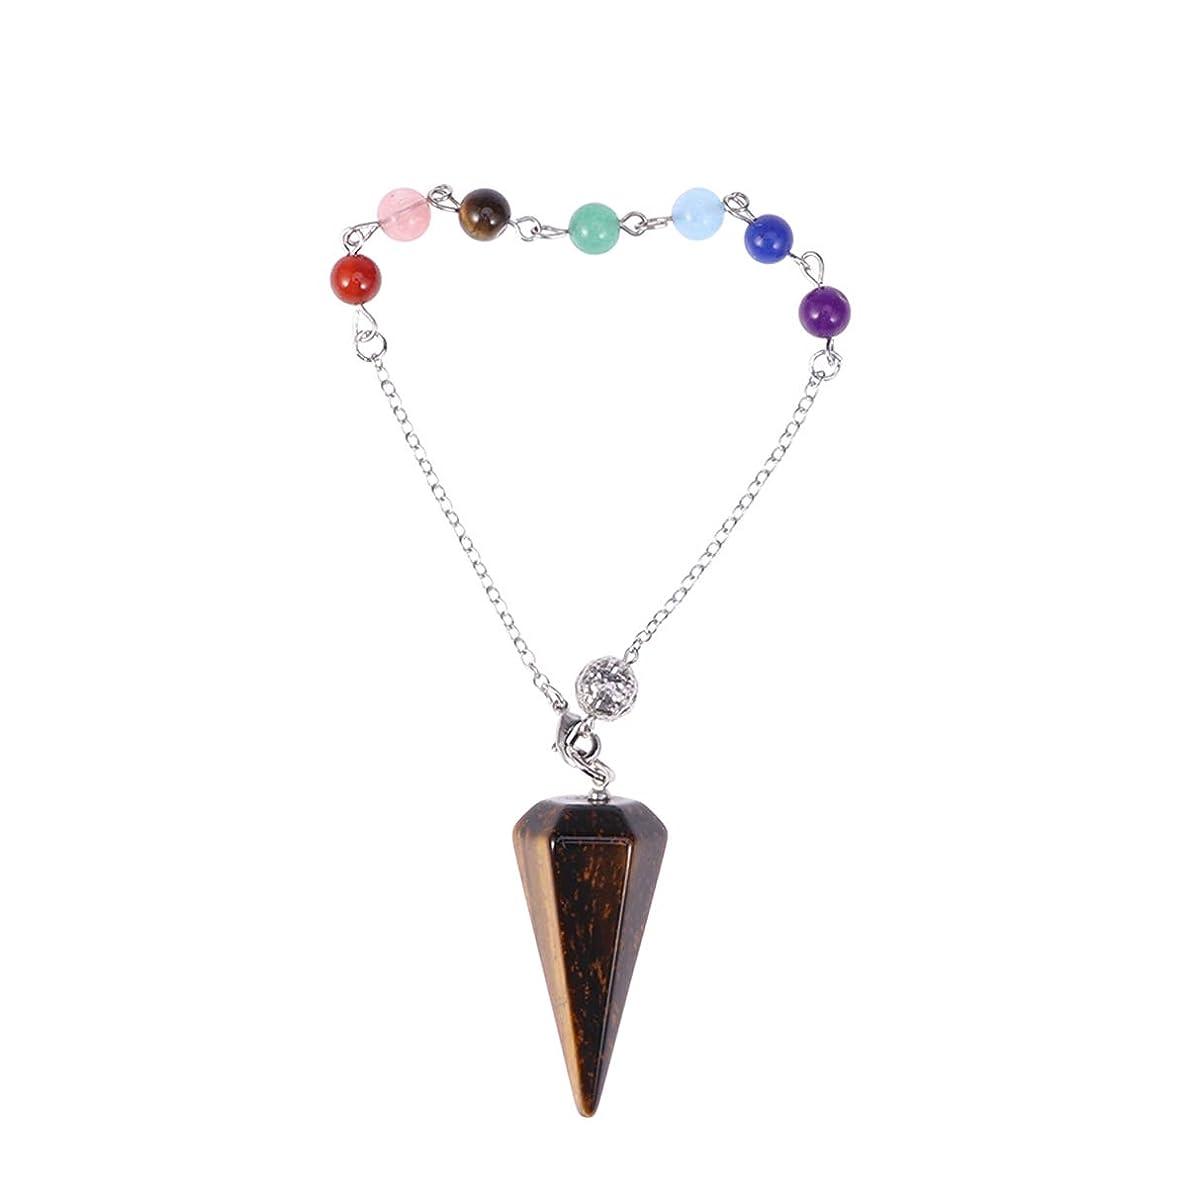 効果素晴らしさ風味Healifty ヒーリングクリスタルポイントペンダントネックレス六角形の尖ったレイキチャクラジュエリー(タイガーアイ宝石)